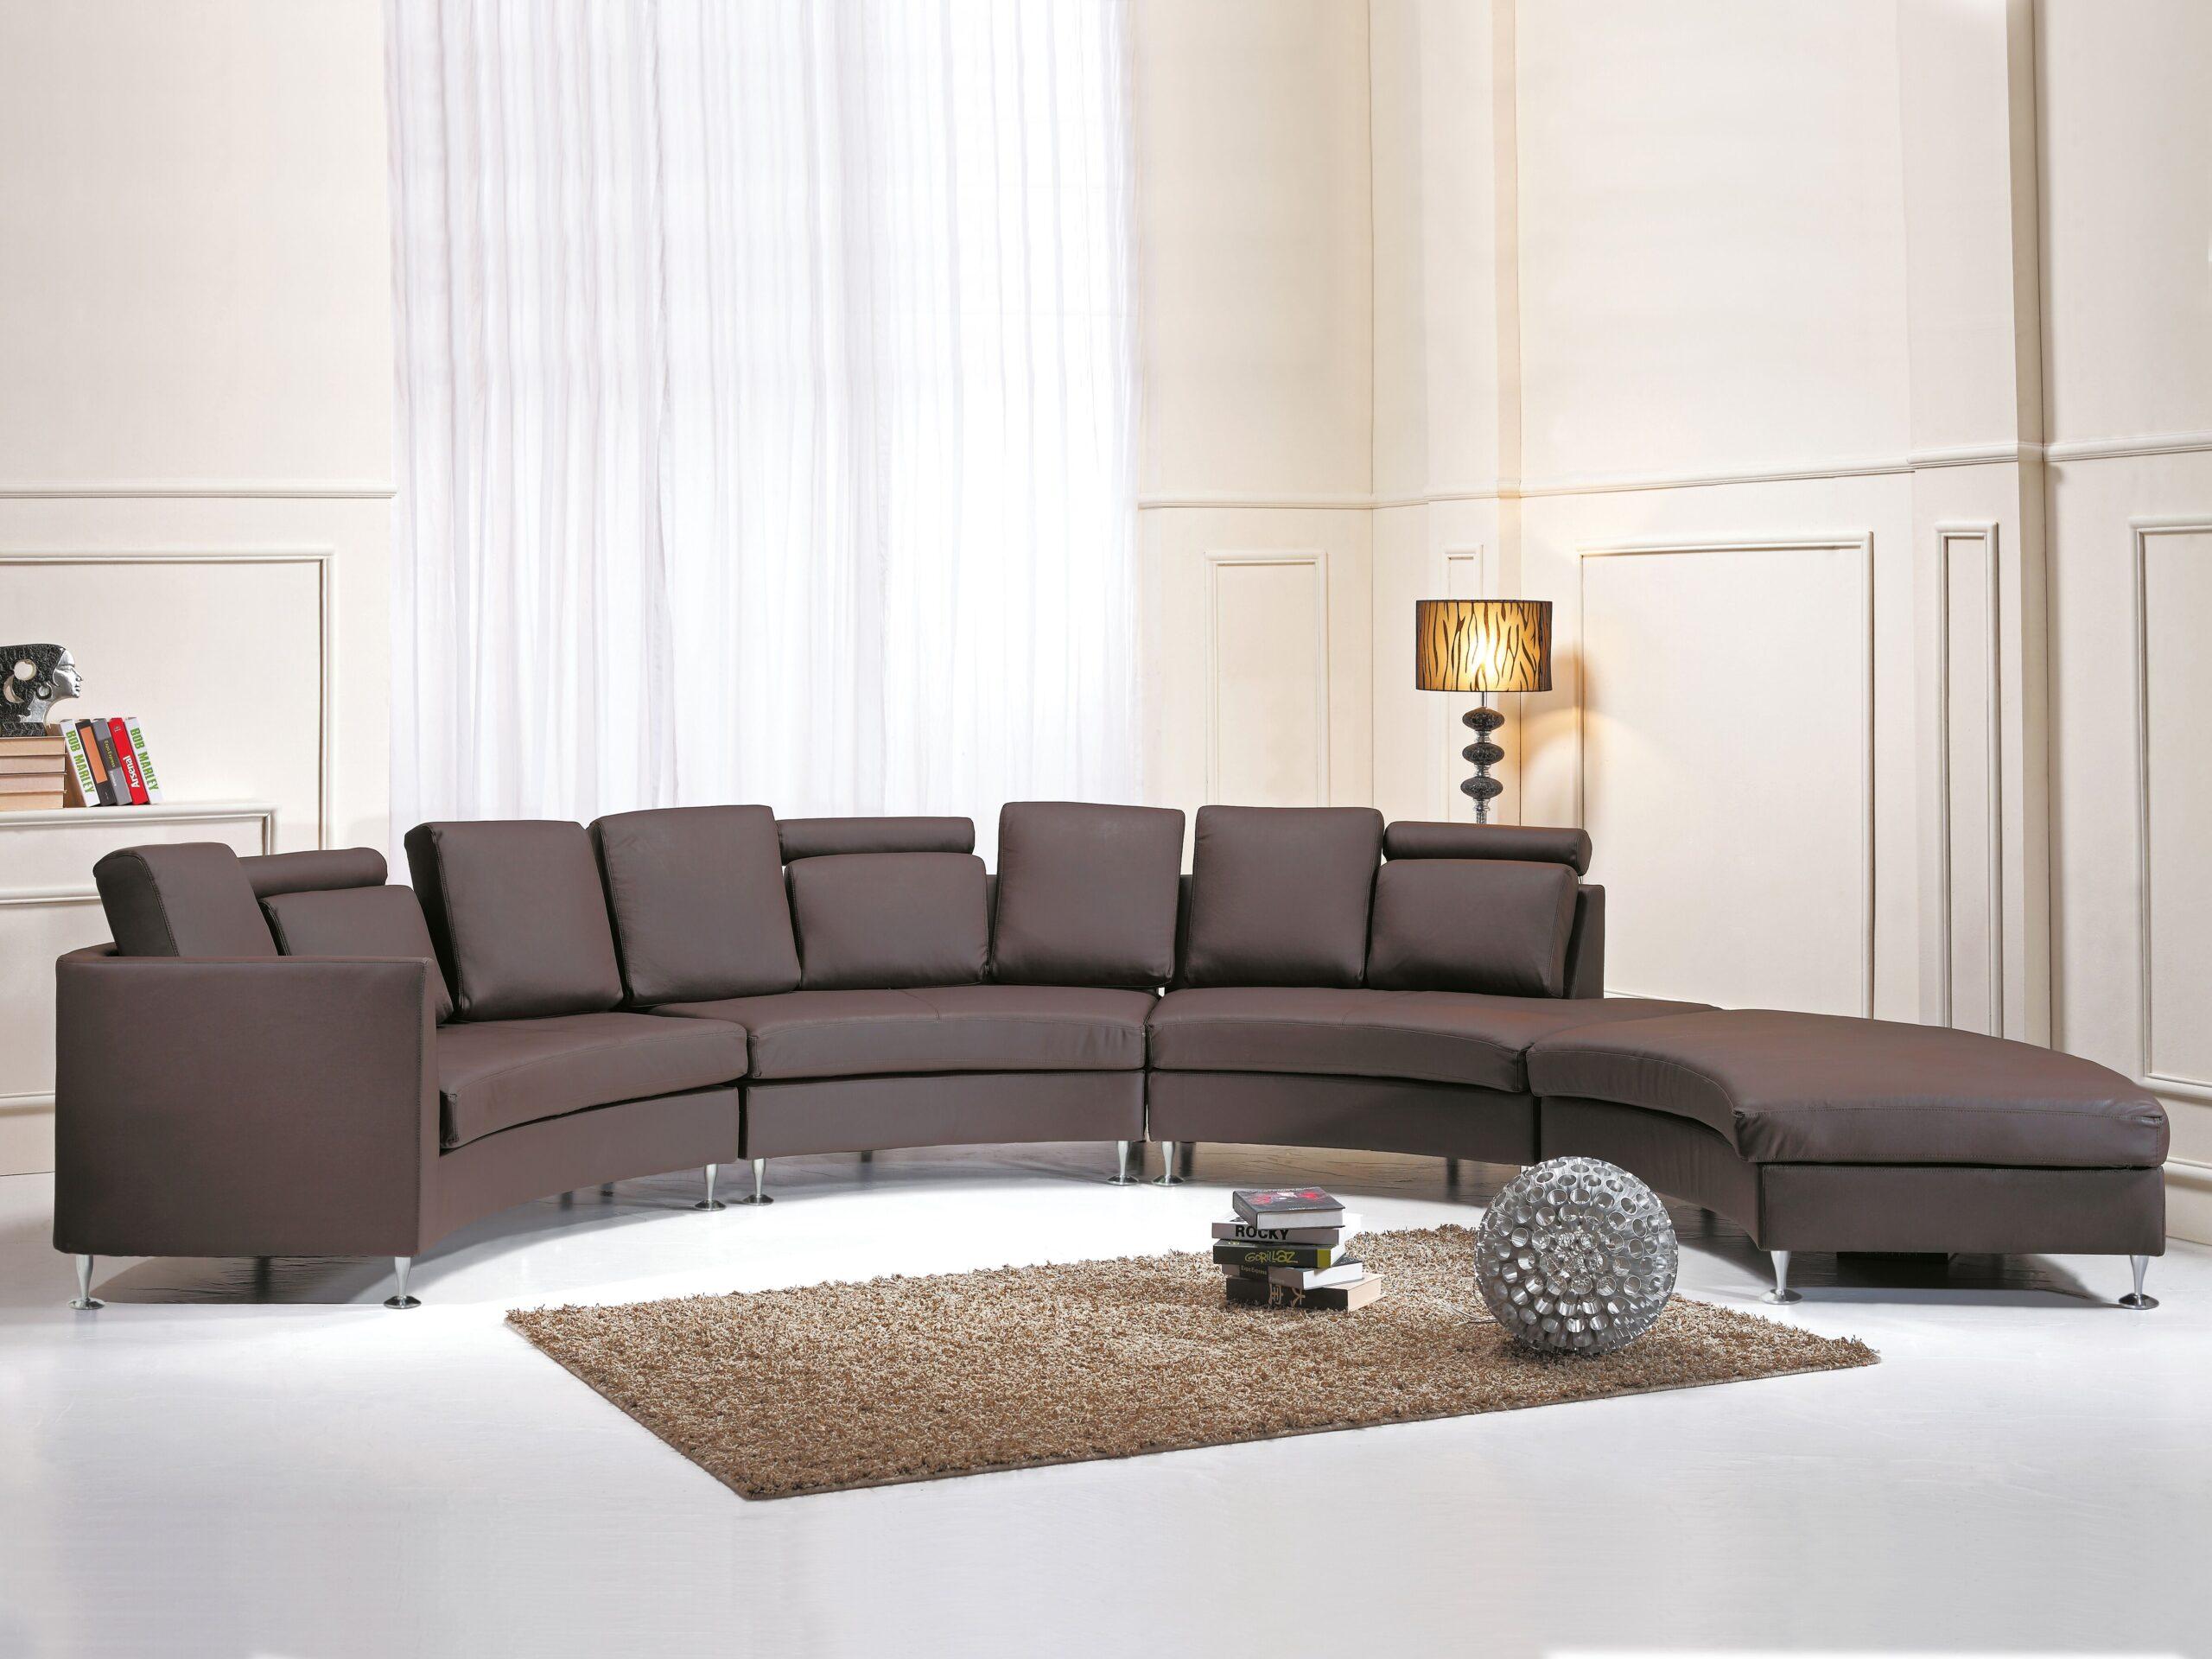 Full Size of Sofa Leder Braun 2 Sitzer   Chesterfield Ikea Rustikal 3 Sitzer Couch Vintage Kaufen Gebraucht Ledersofa Design Rund Rotunde Belianide Rahaus überzug Hussen Sofa Sofa Leder Braun